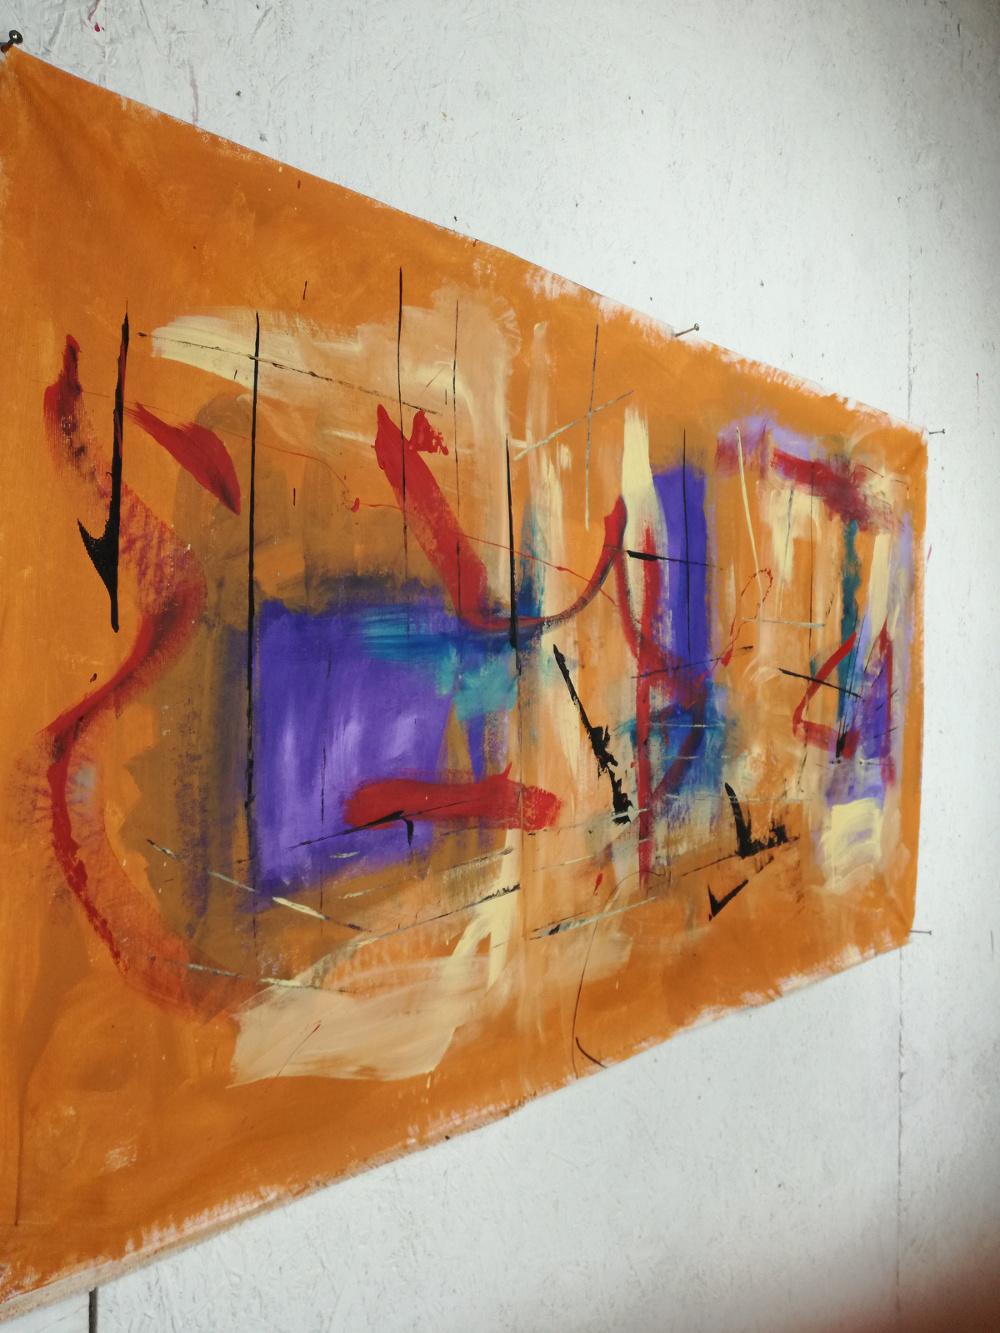 quadri astratti dx b44 - quadri moderni fatti a mano 120x60 xxl